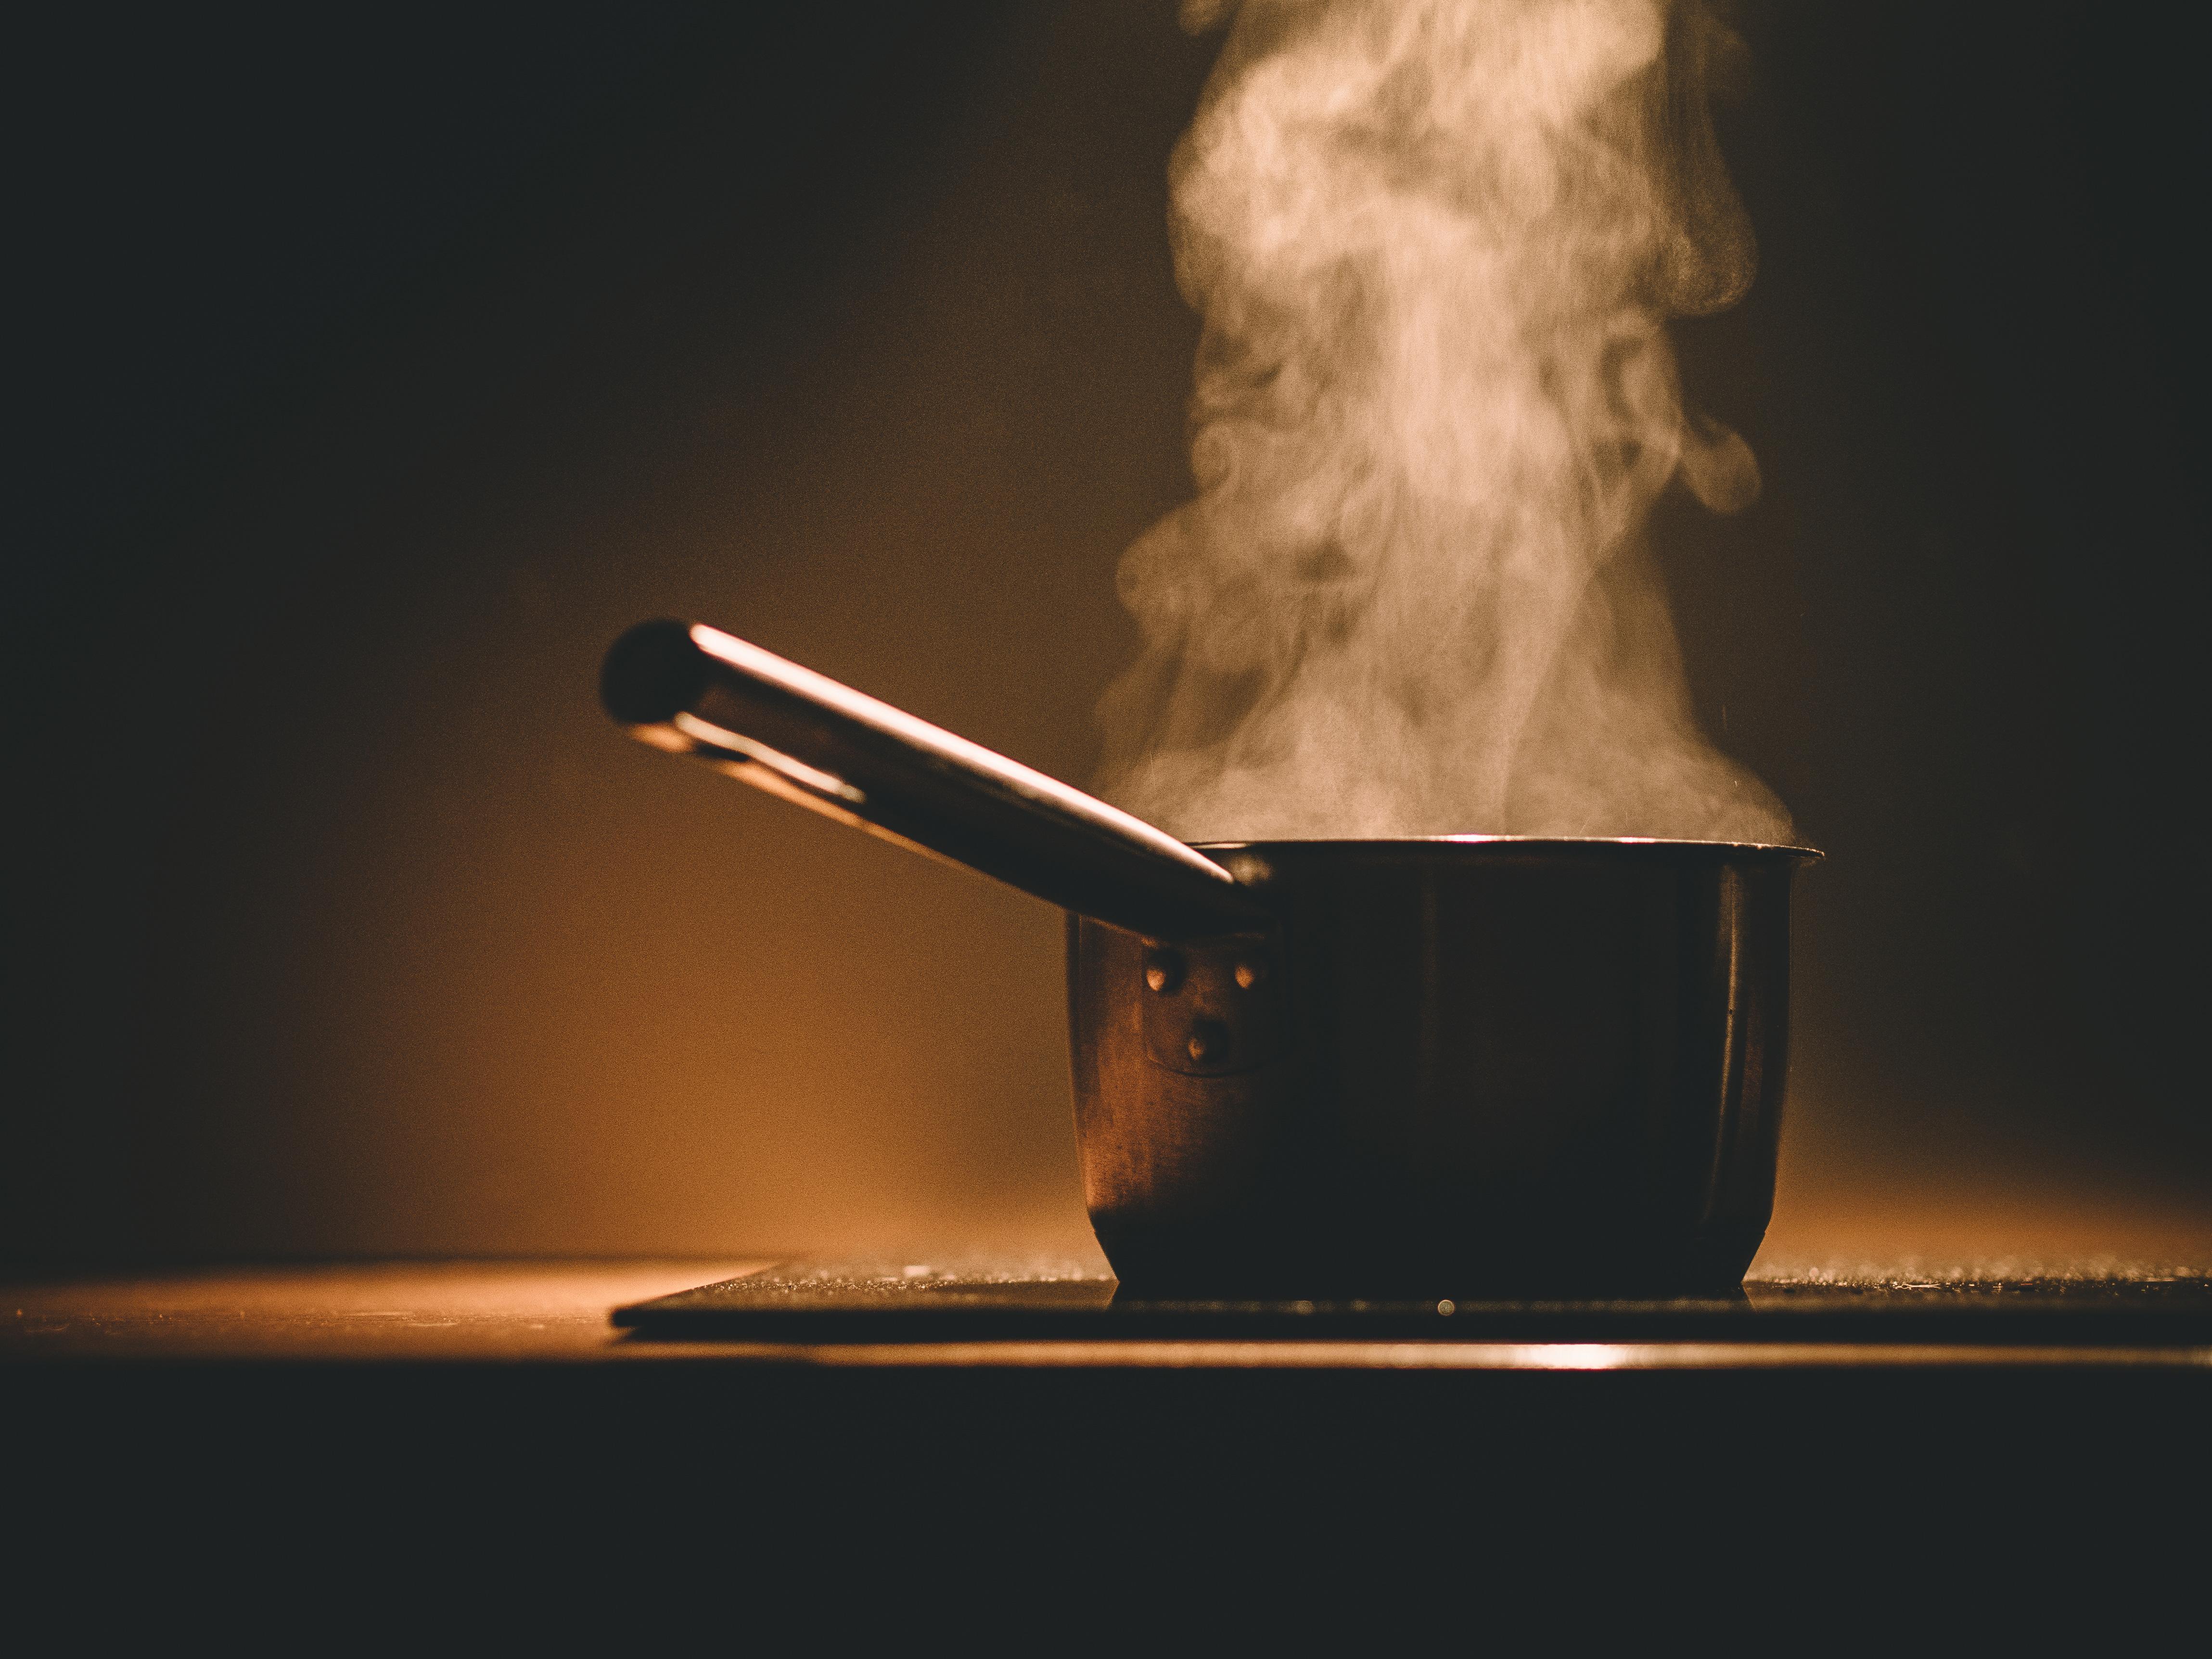 Tipps Tricks Zum Thema Schwache Bis Starke Hitze Beim Kochen Im Ratgeber Küche Haushaltsfrage